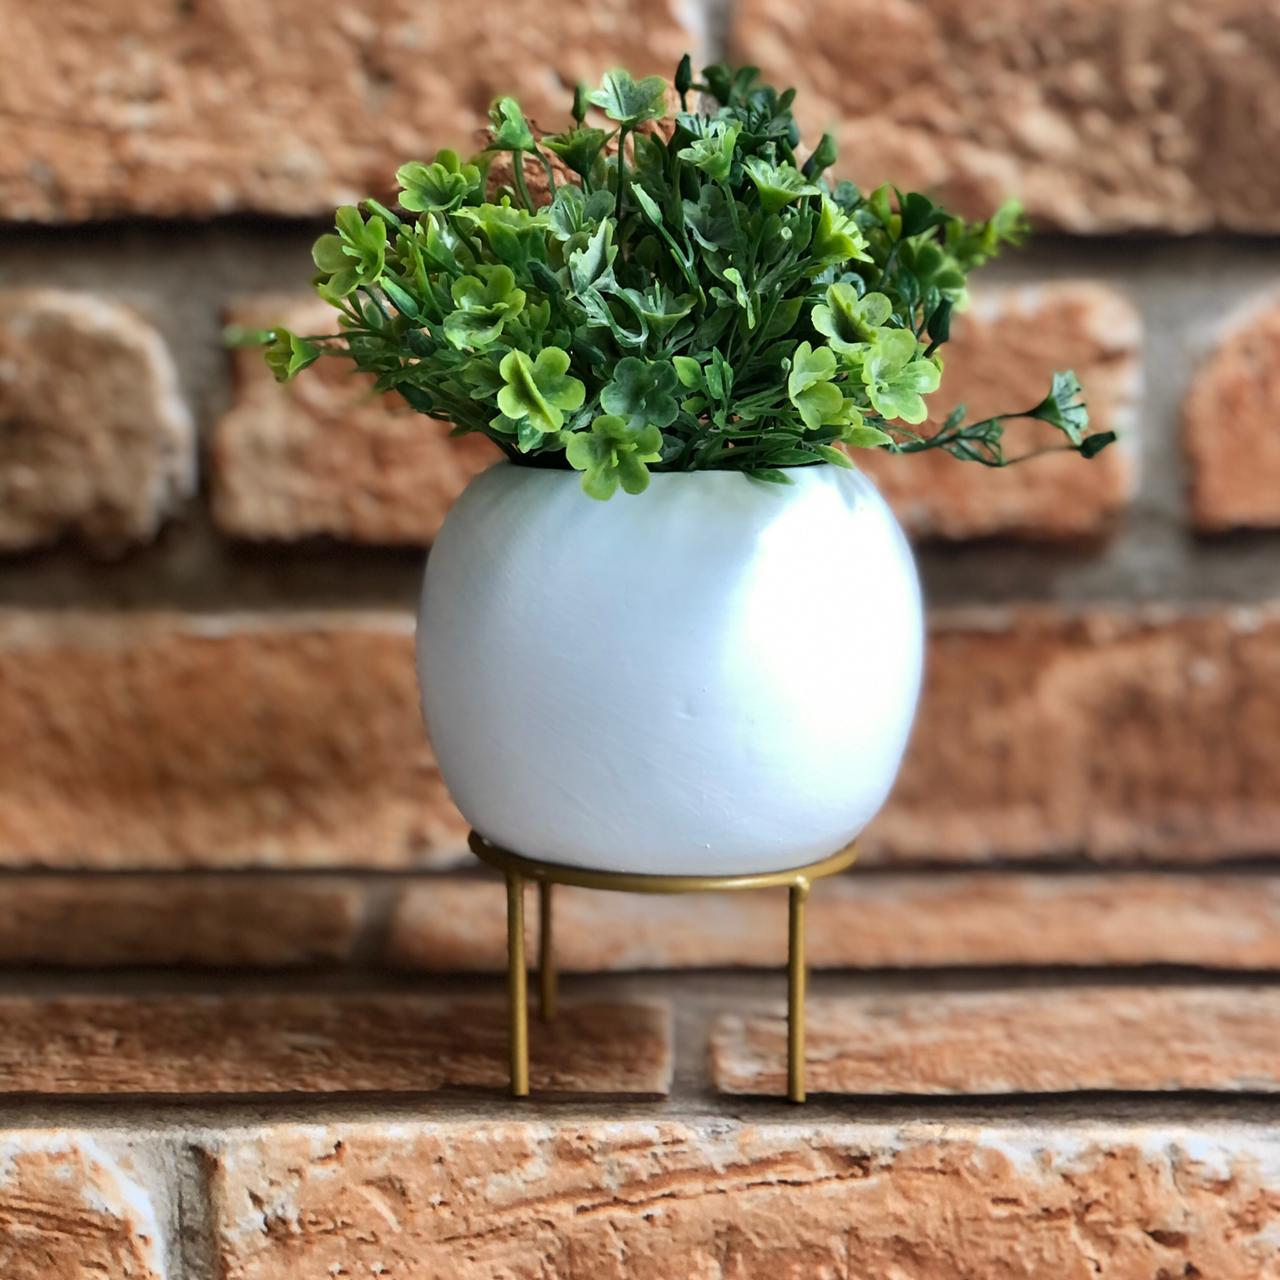 Vaso Decorativo Cimento com Suporte de Metal Redondo Rústico